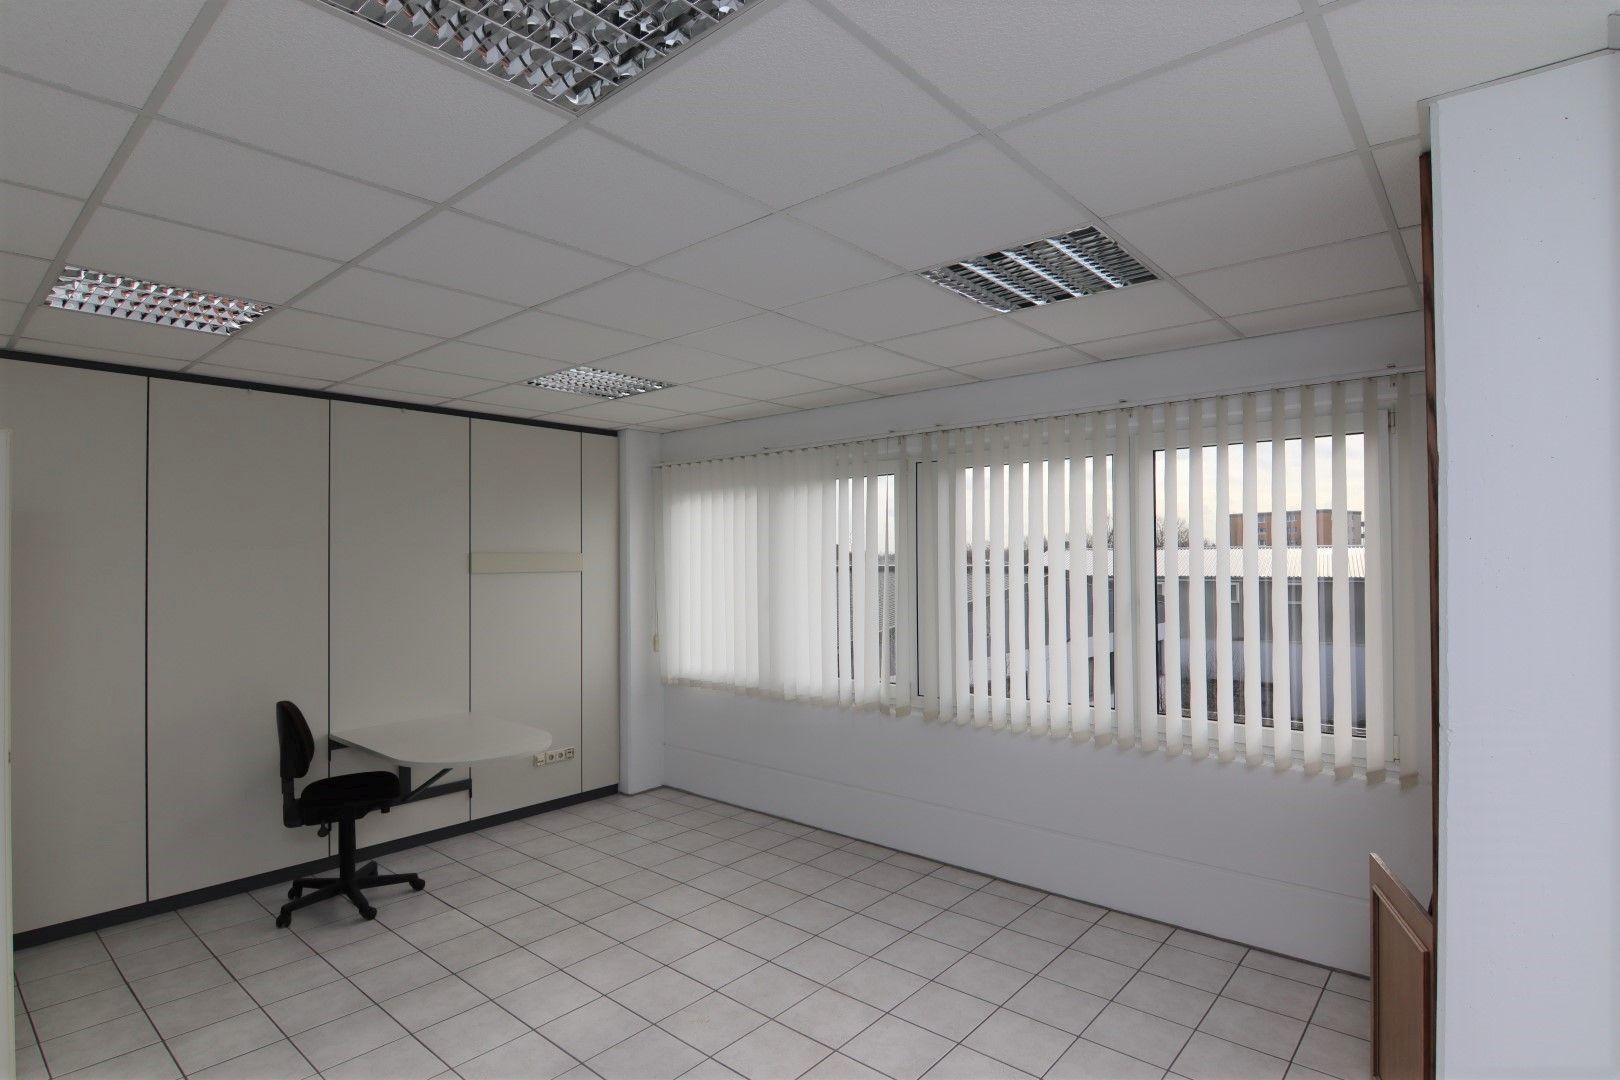 Immobilie Nr.0295 - Bürofläche mit WC-Anlage, Küche u. Aufzug - Bild 15.jpg